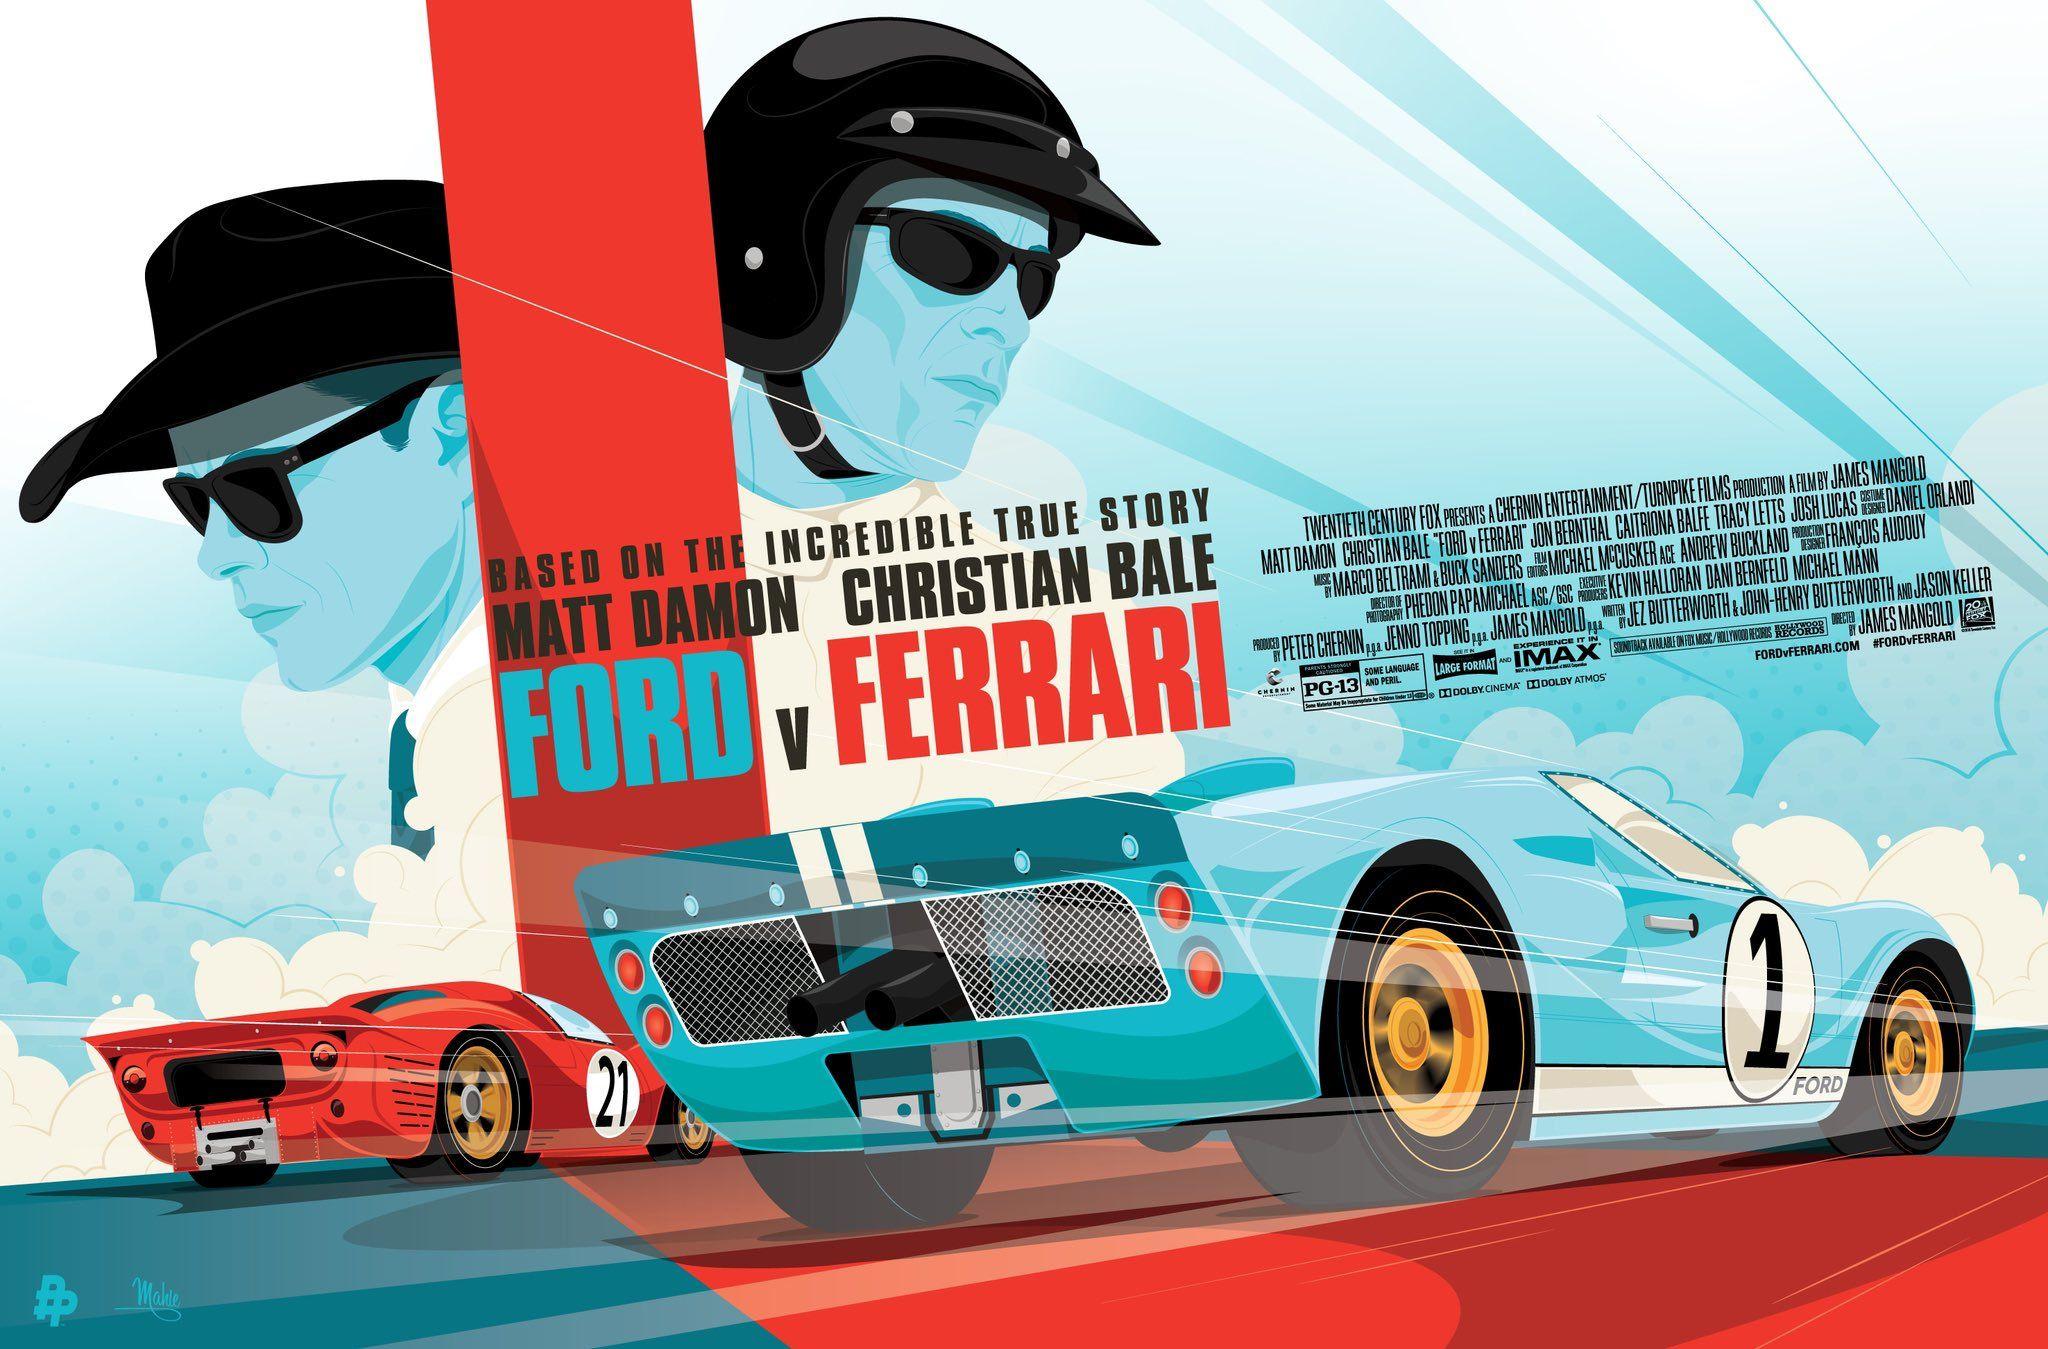 Ford V Ferrari En 2020 Avec Images Ferrari Ford Film